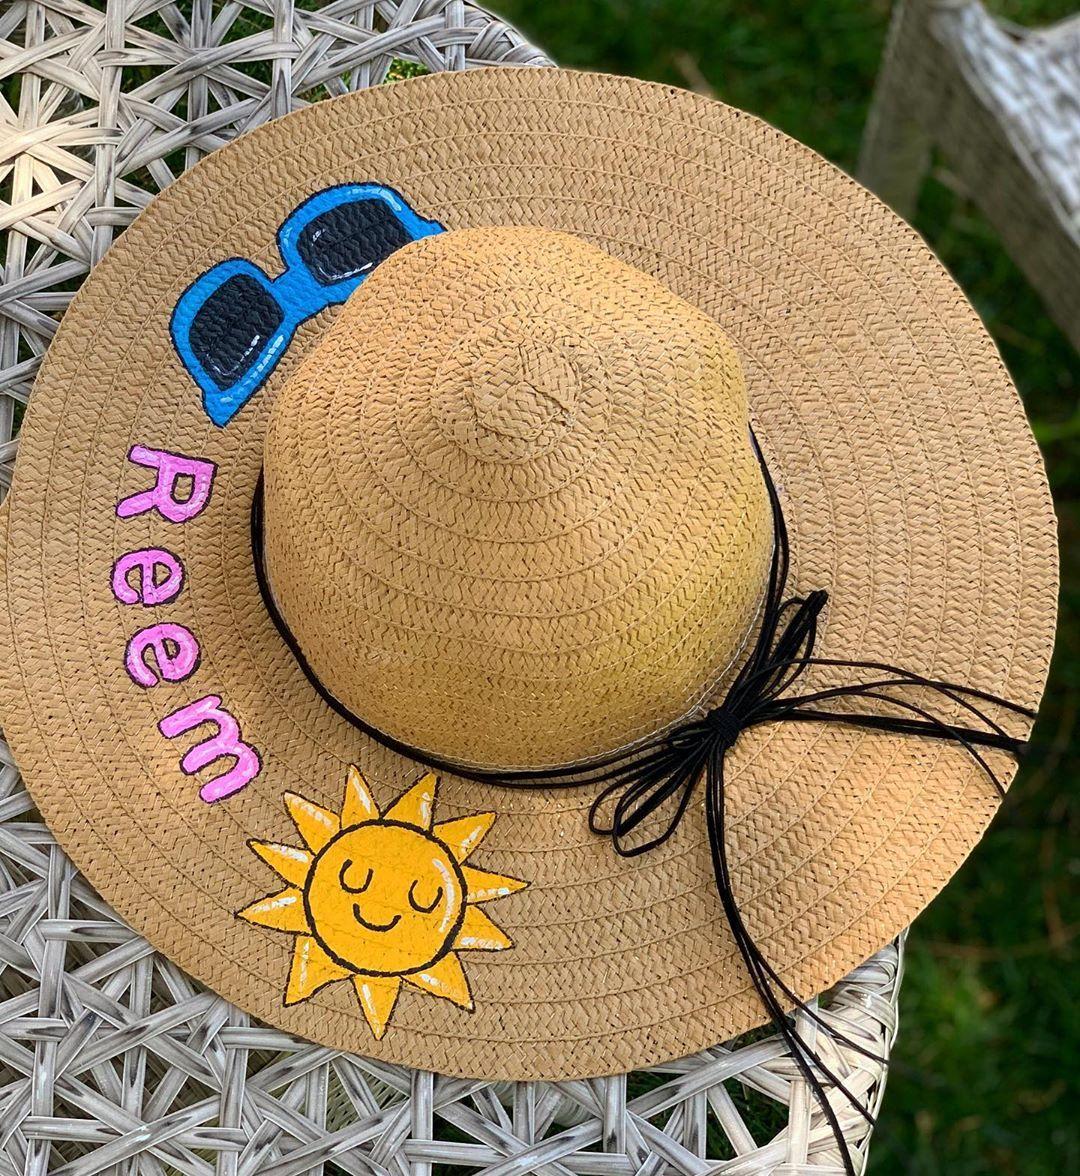 طاقية البحر احلى رفيقة هالصيفية مبروكة ريم منورة طاقية بحر صيفية صيف مشغل وداد شمس ري Painted Clothes Cowboy Hats Hand Painted